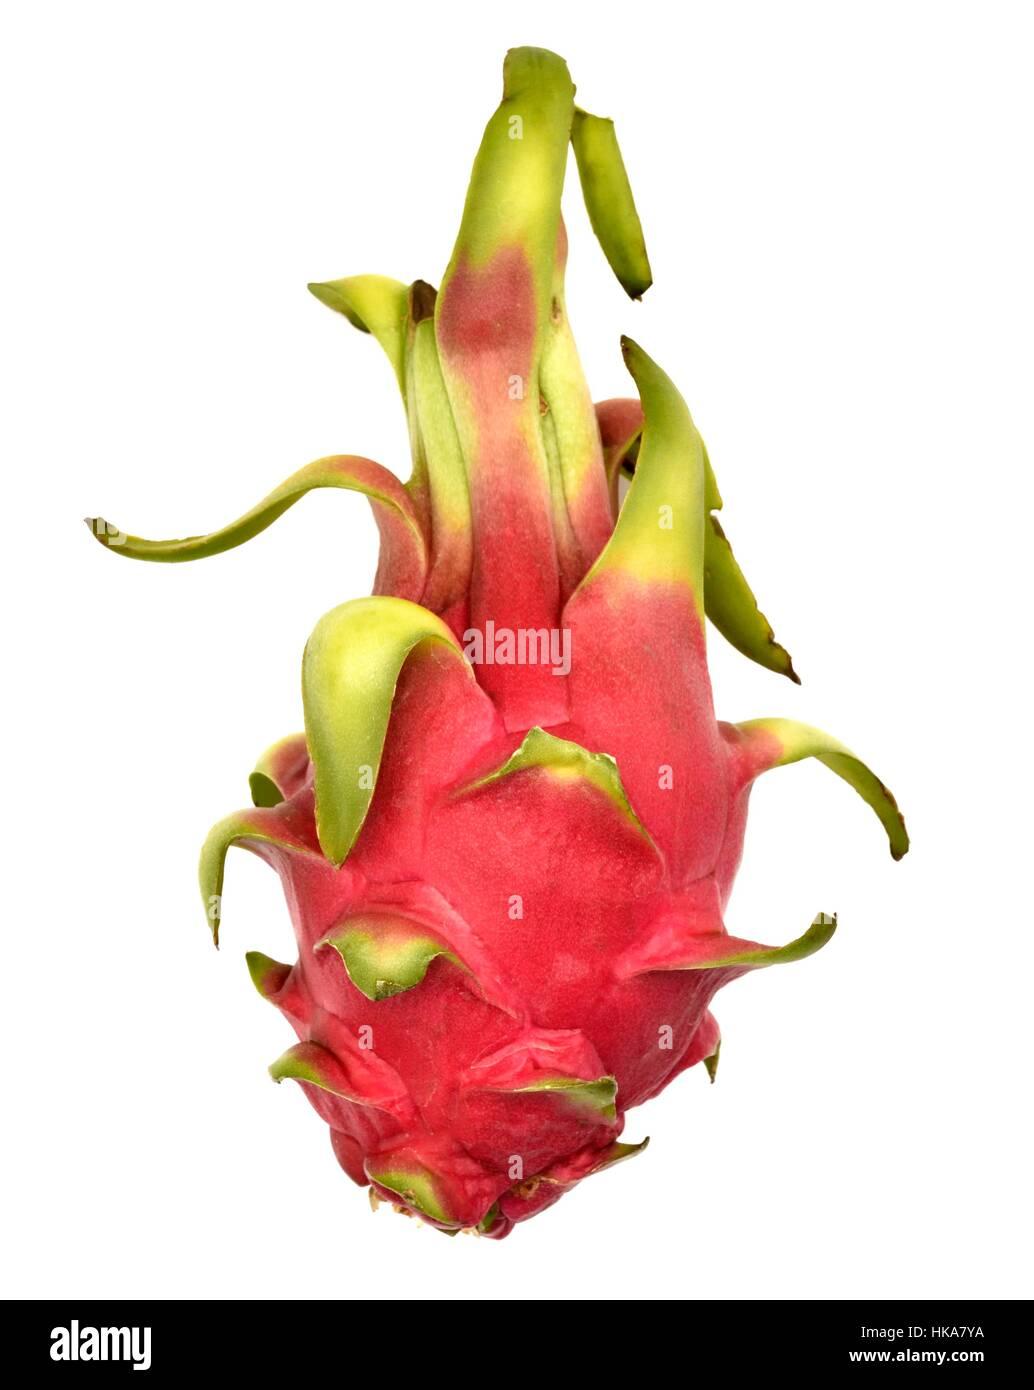 Pitaya Pitahaya blanca white fruit Dragon fruit - Stock Image